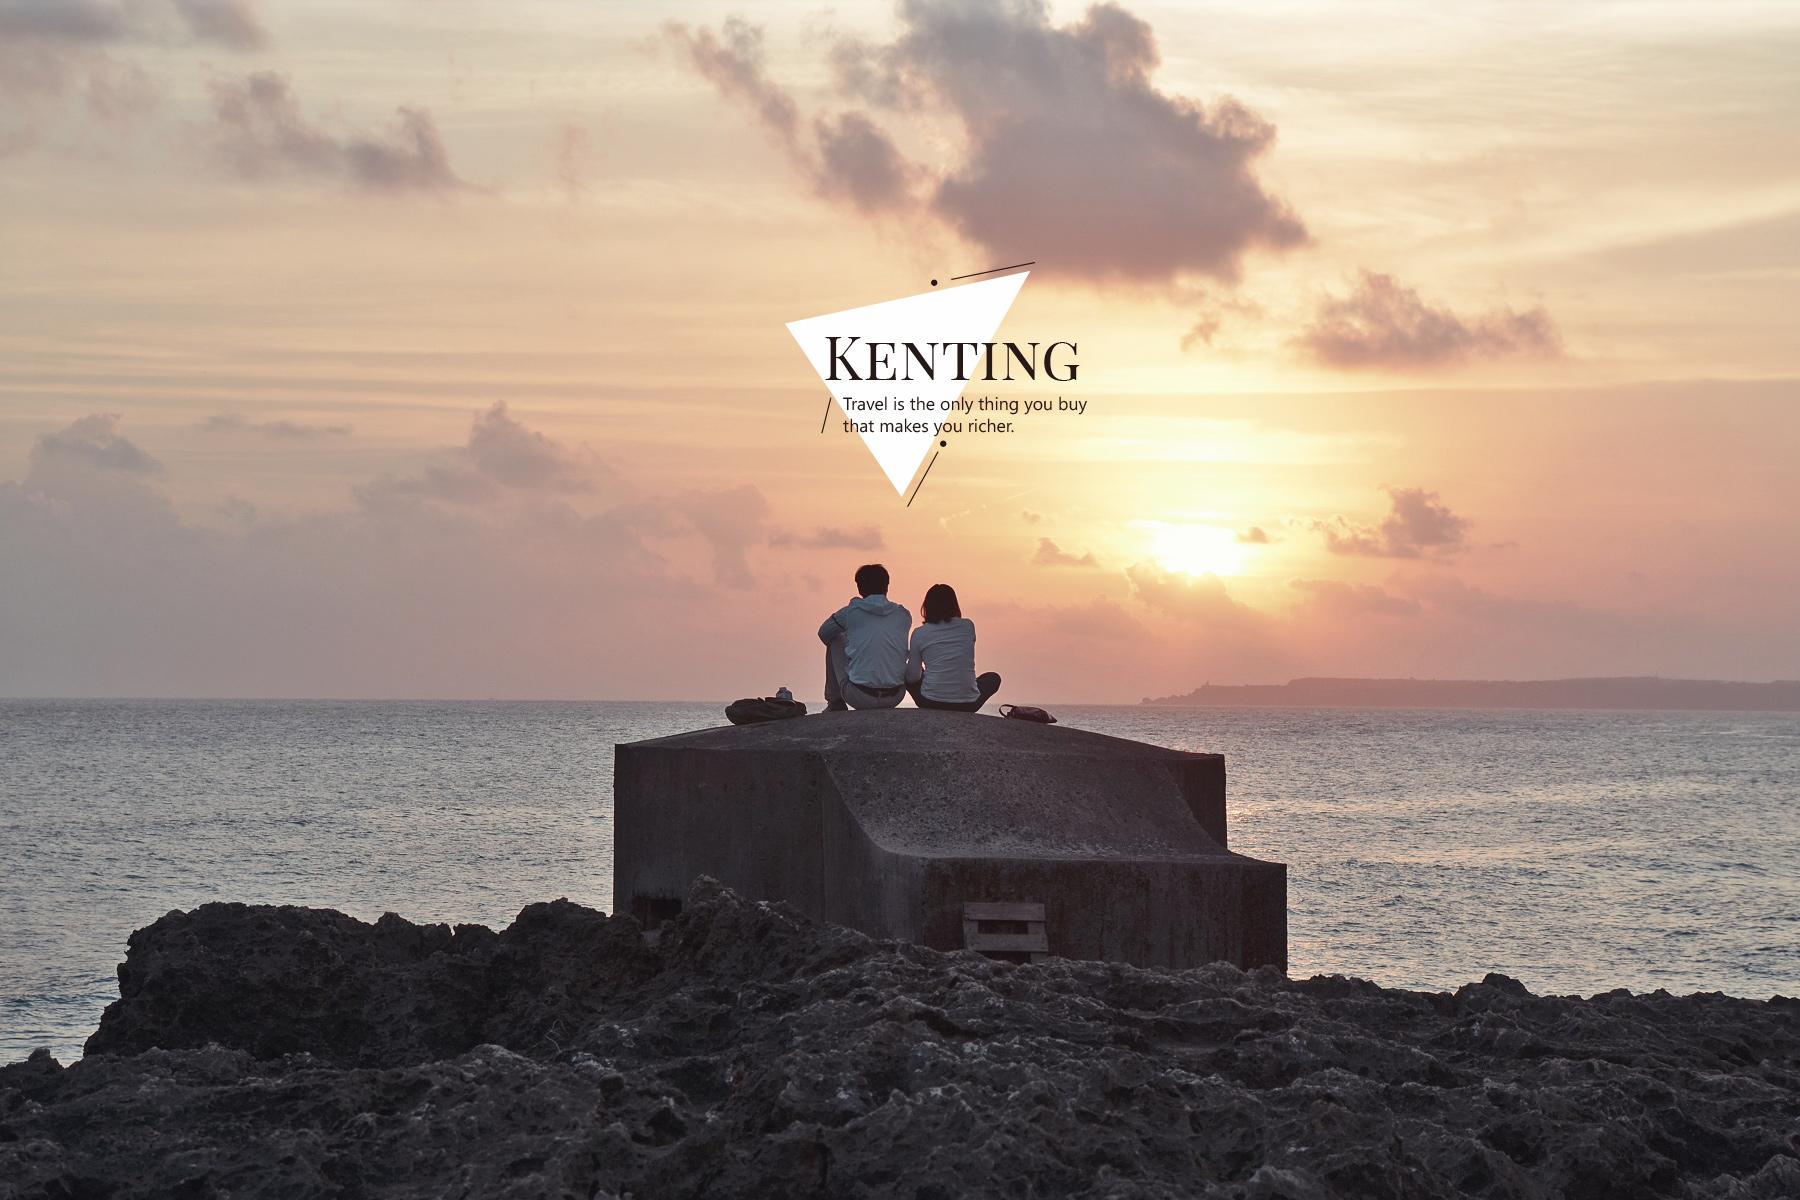 墾丁景點|船帆石賞夕陽私房景點-在最美日落地點,配上一杯拿鐵的確幸